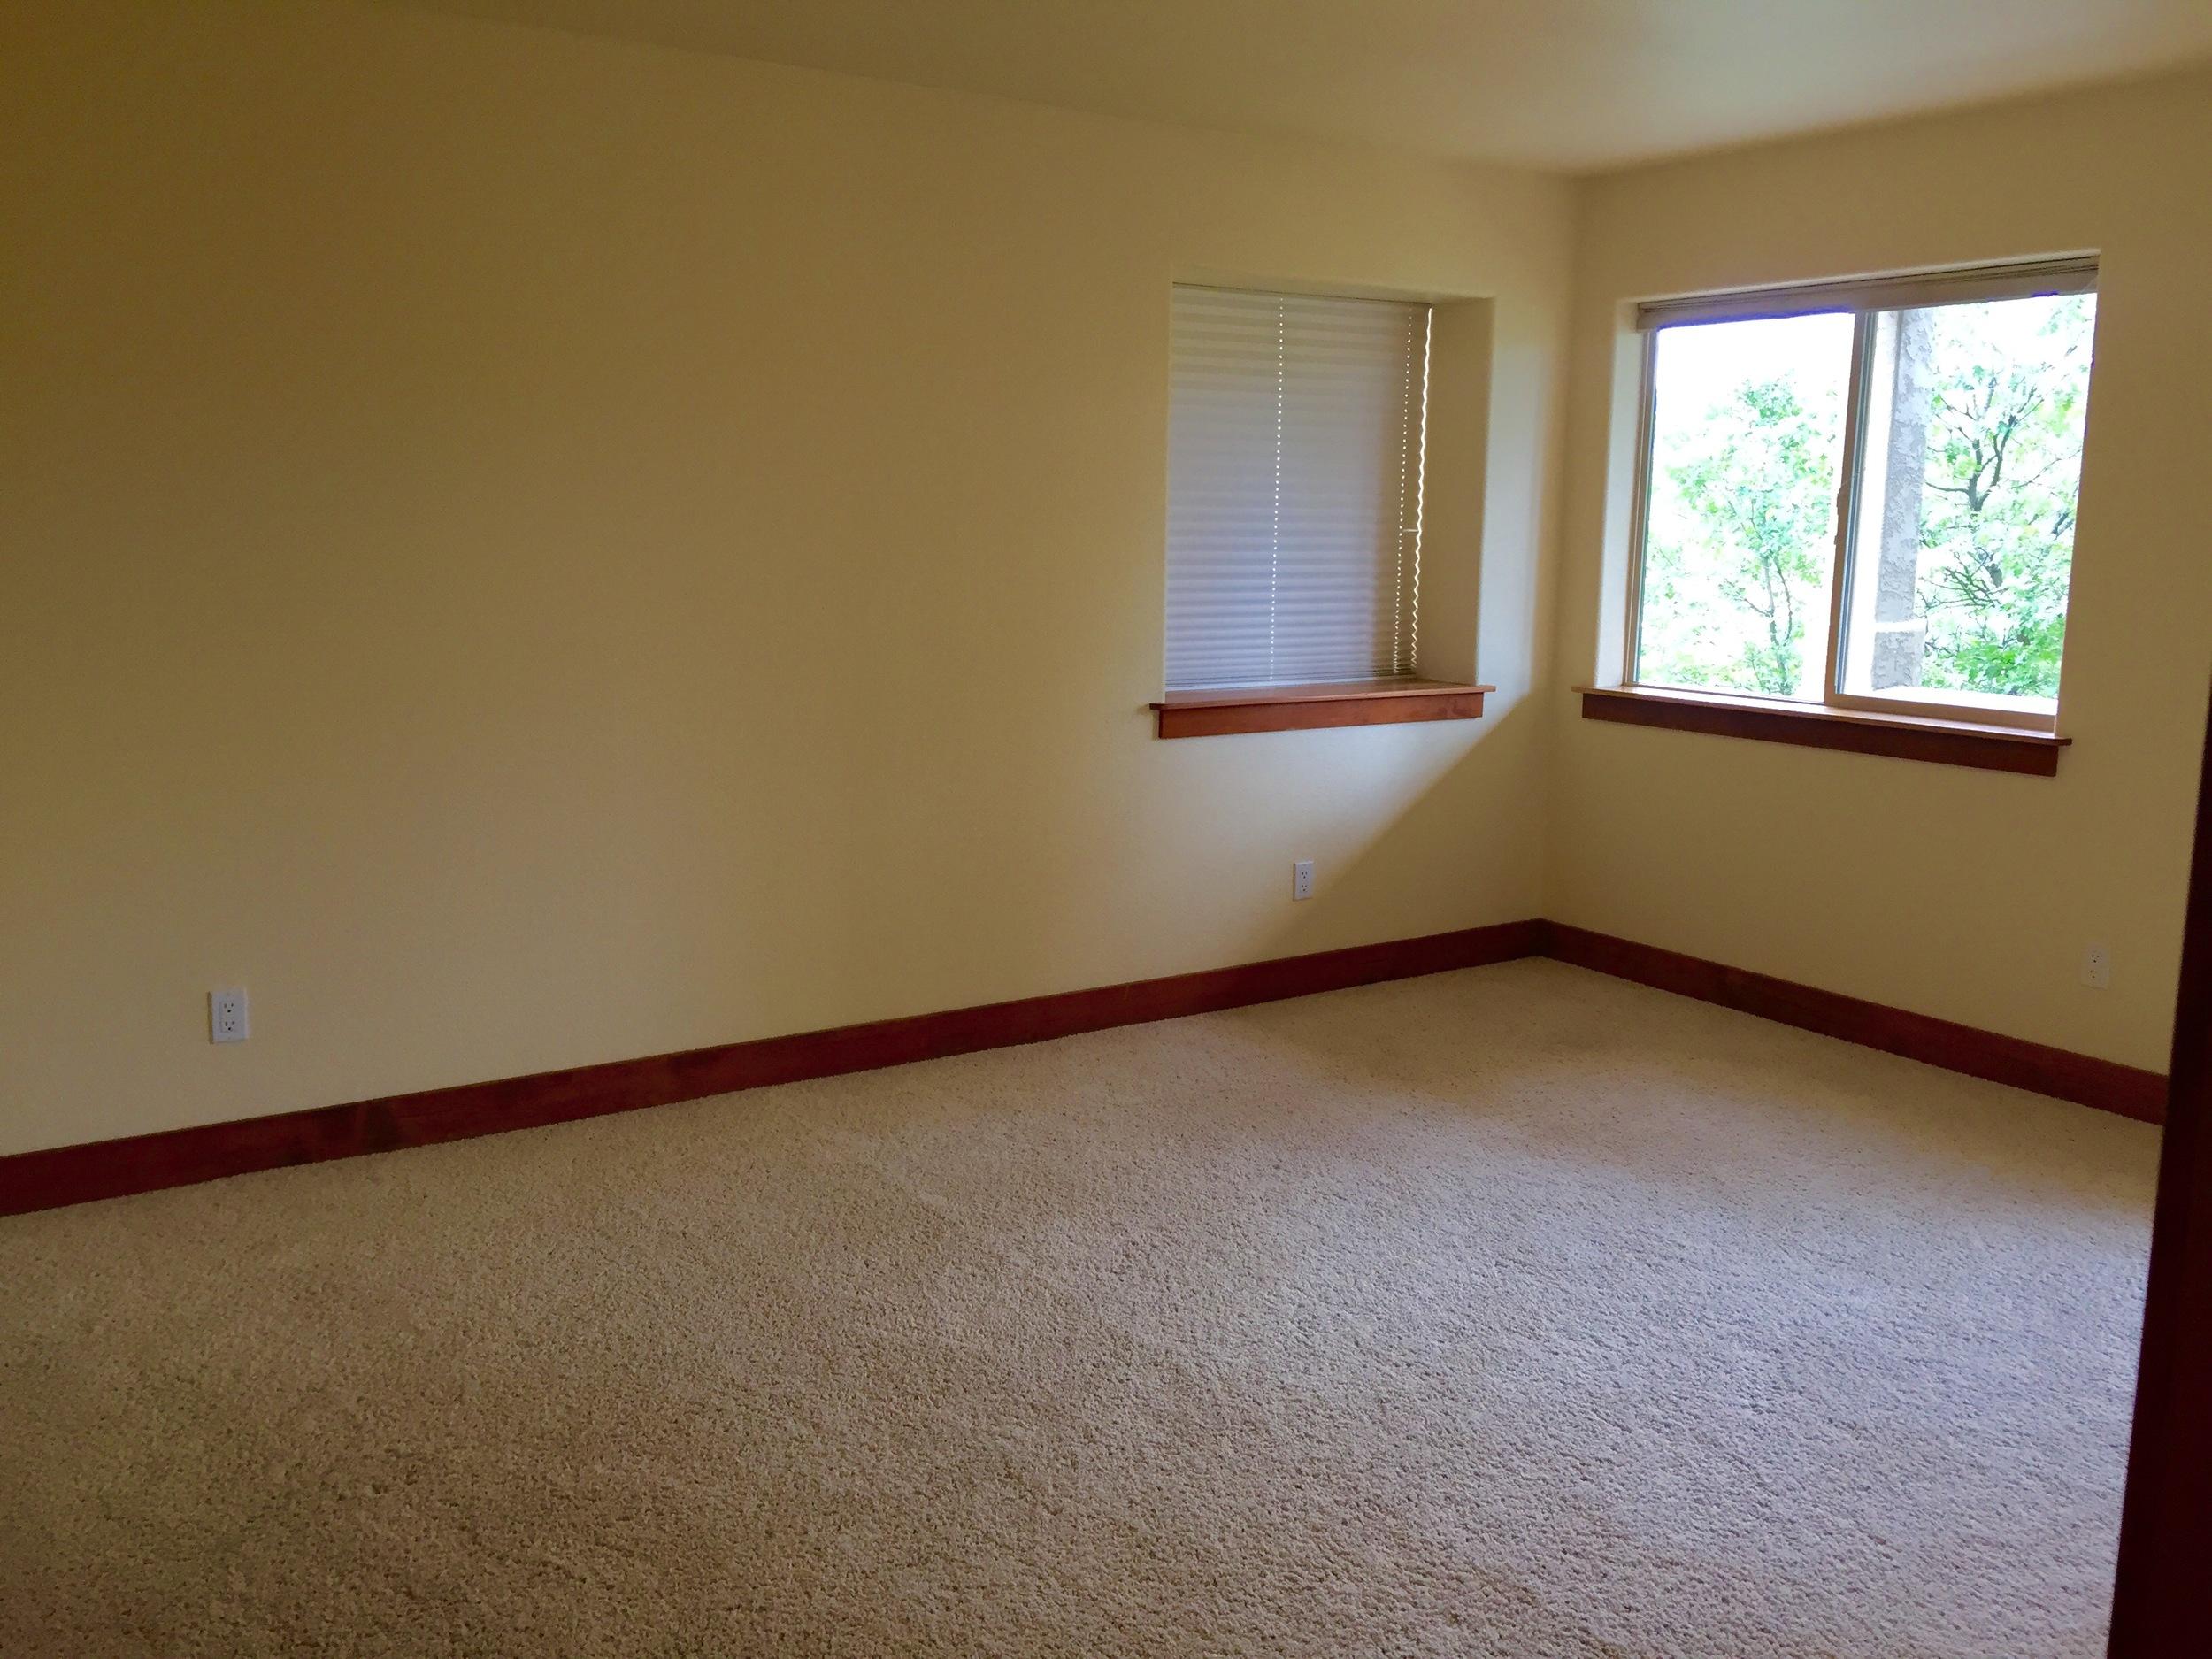 Basement Bedroom - Unfurnished